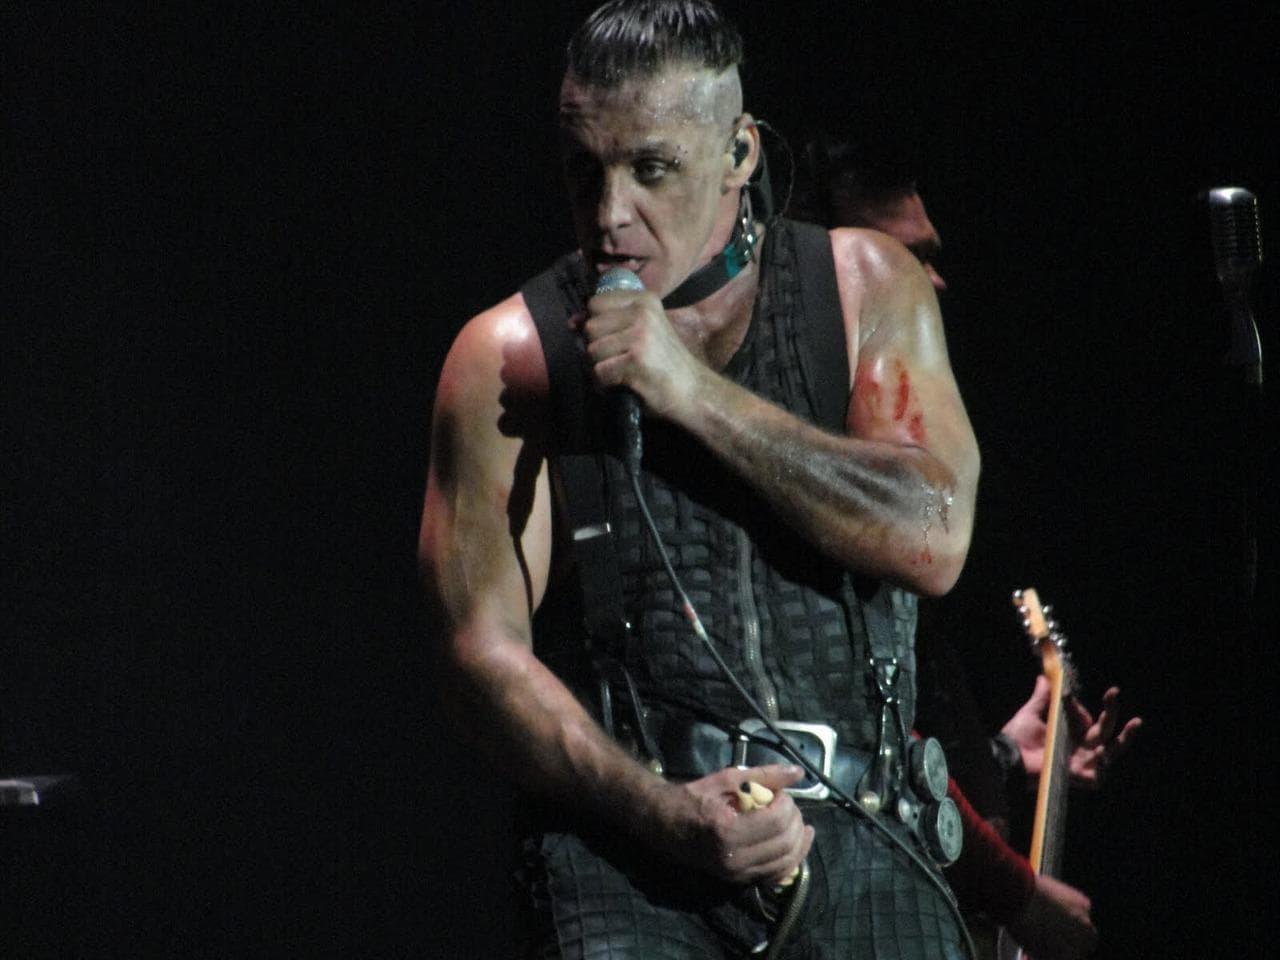 Ovako izgleda pevač Rammsteina